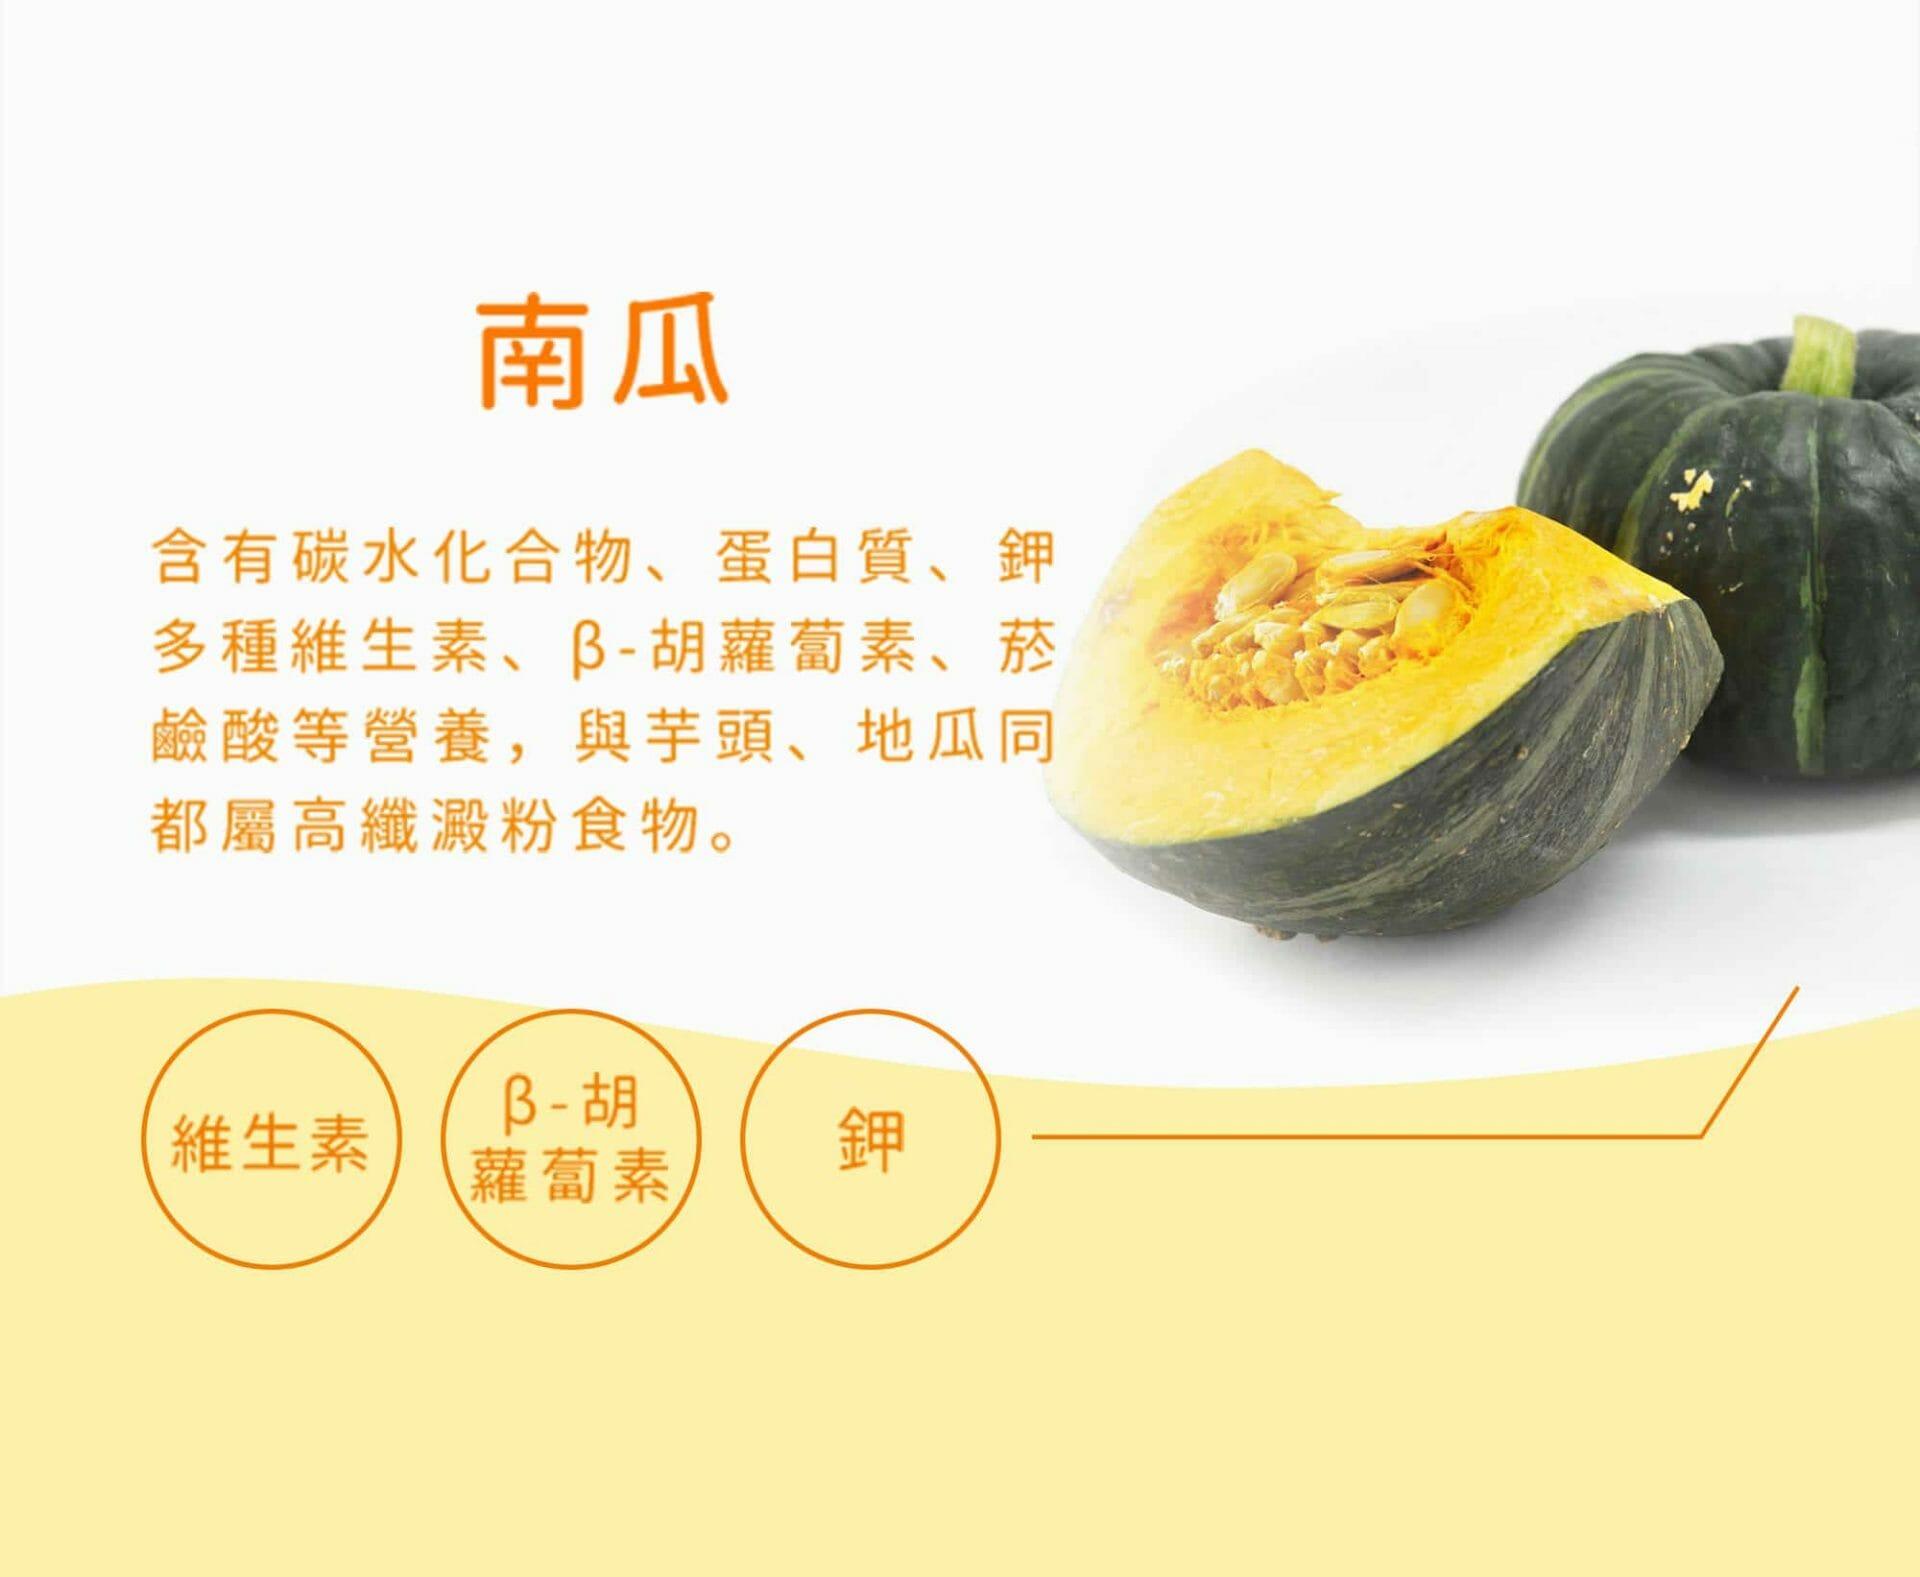 南瓜含有碳水化合物,蛋白質、鉀多種維生素,β胡蘿蔔素,菸鹼酸等營養,與芋頭、地瓜同屬高纖維澱粉食物。